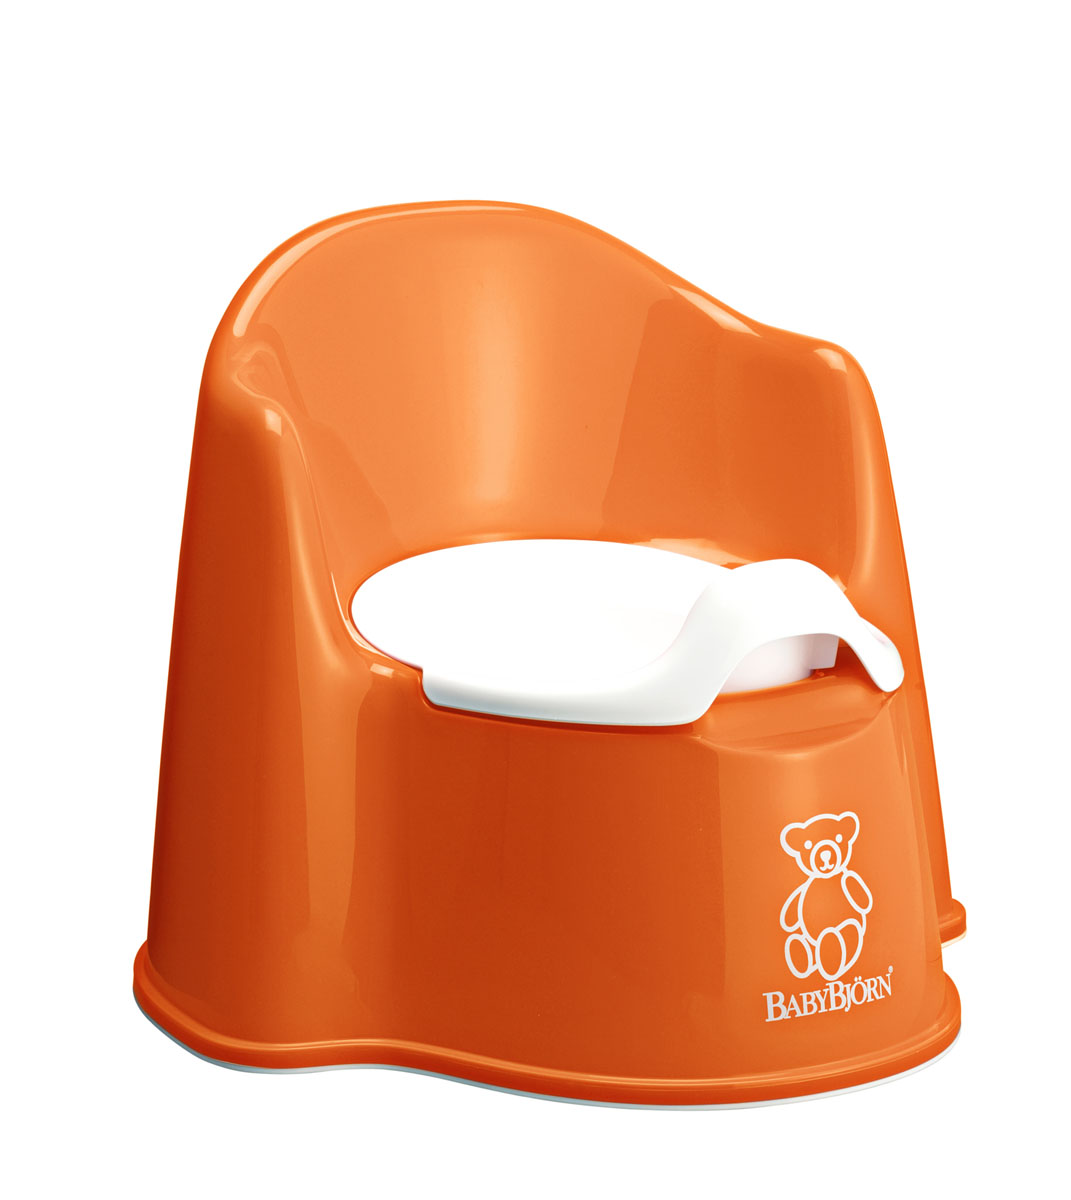 Горшок-кресло  BabyBjorn , цвет: оранжевый, белый -  Горшки и адаптеры для унитаза